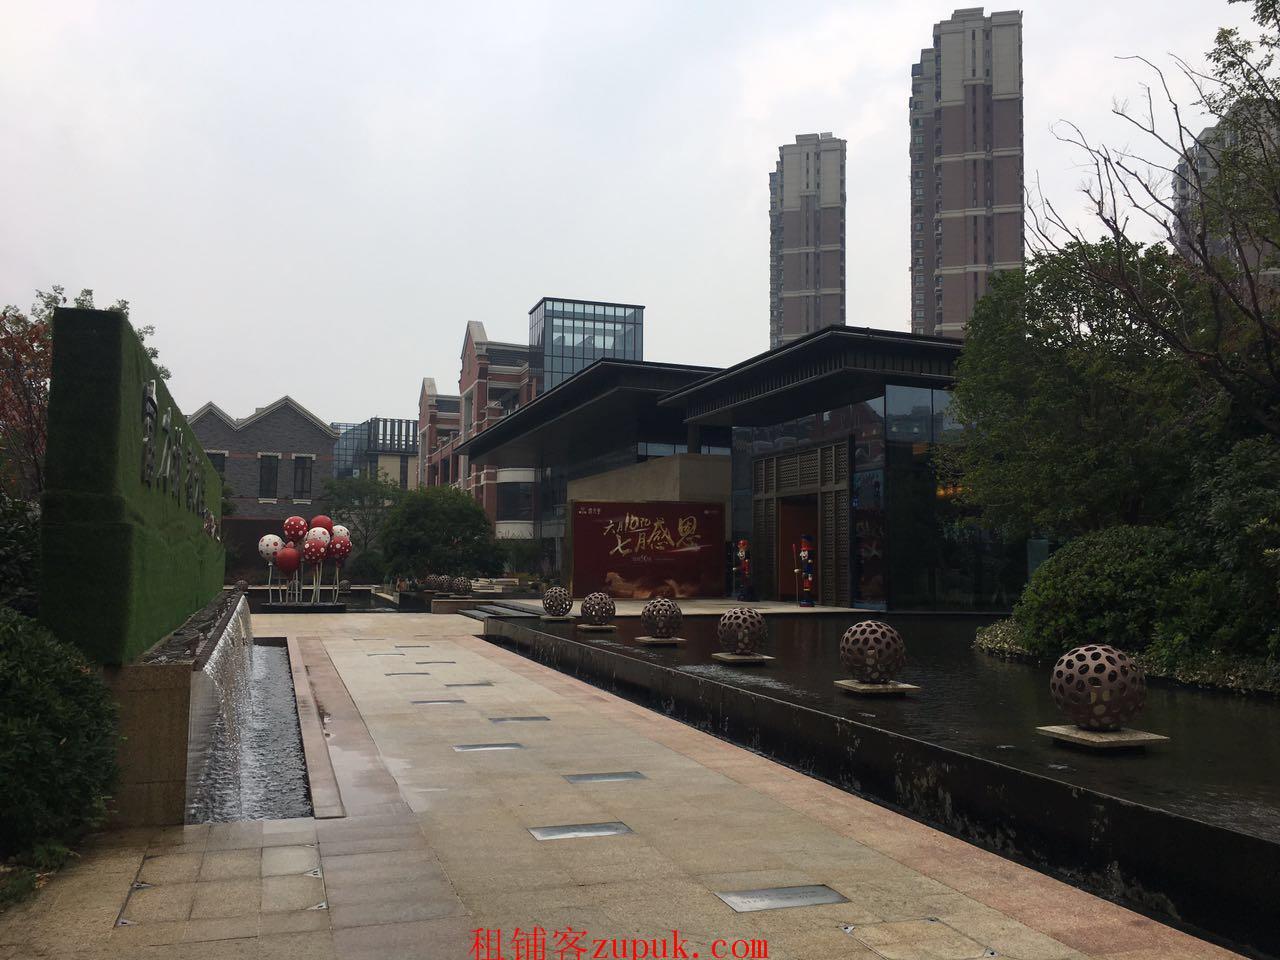 新吴区江溪富力星光里 商业街 招租